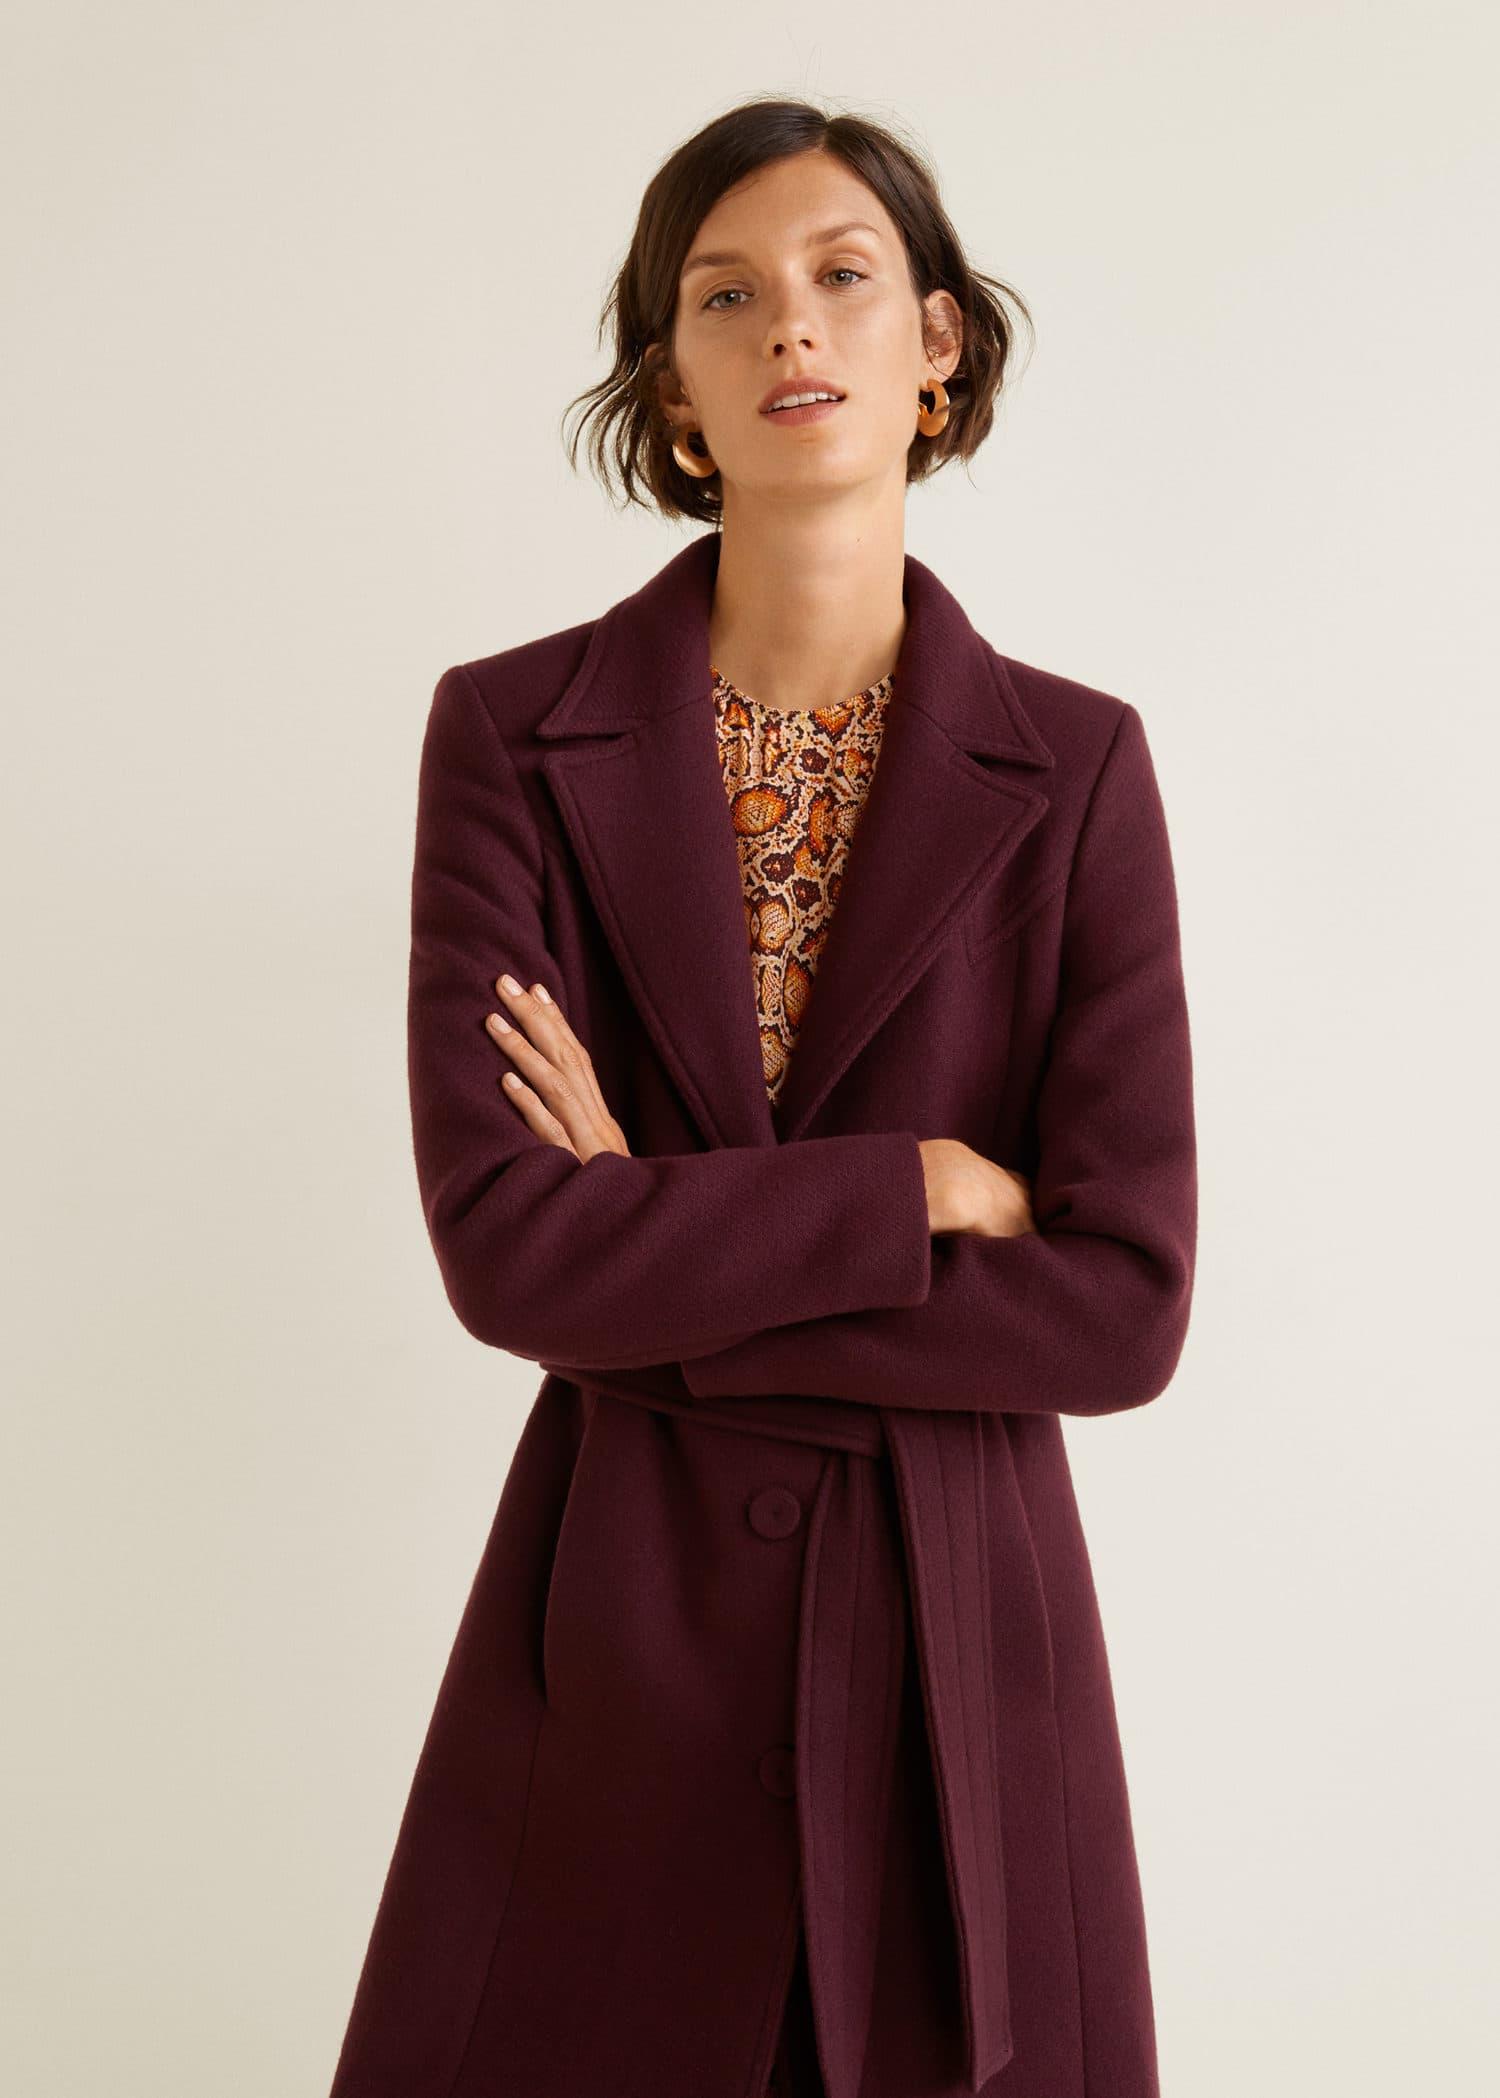 Vestidos de fiesta con abrigos cortos